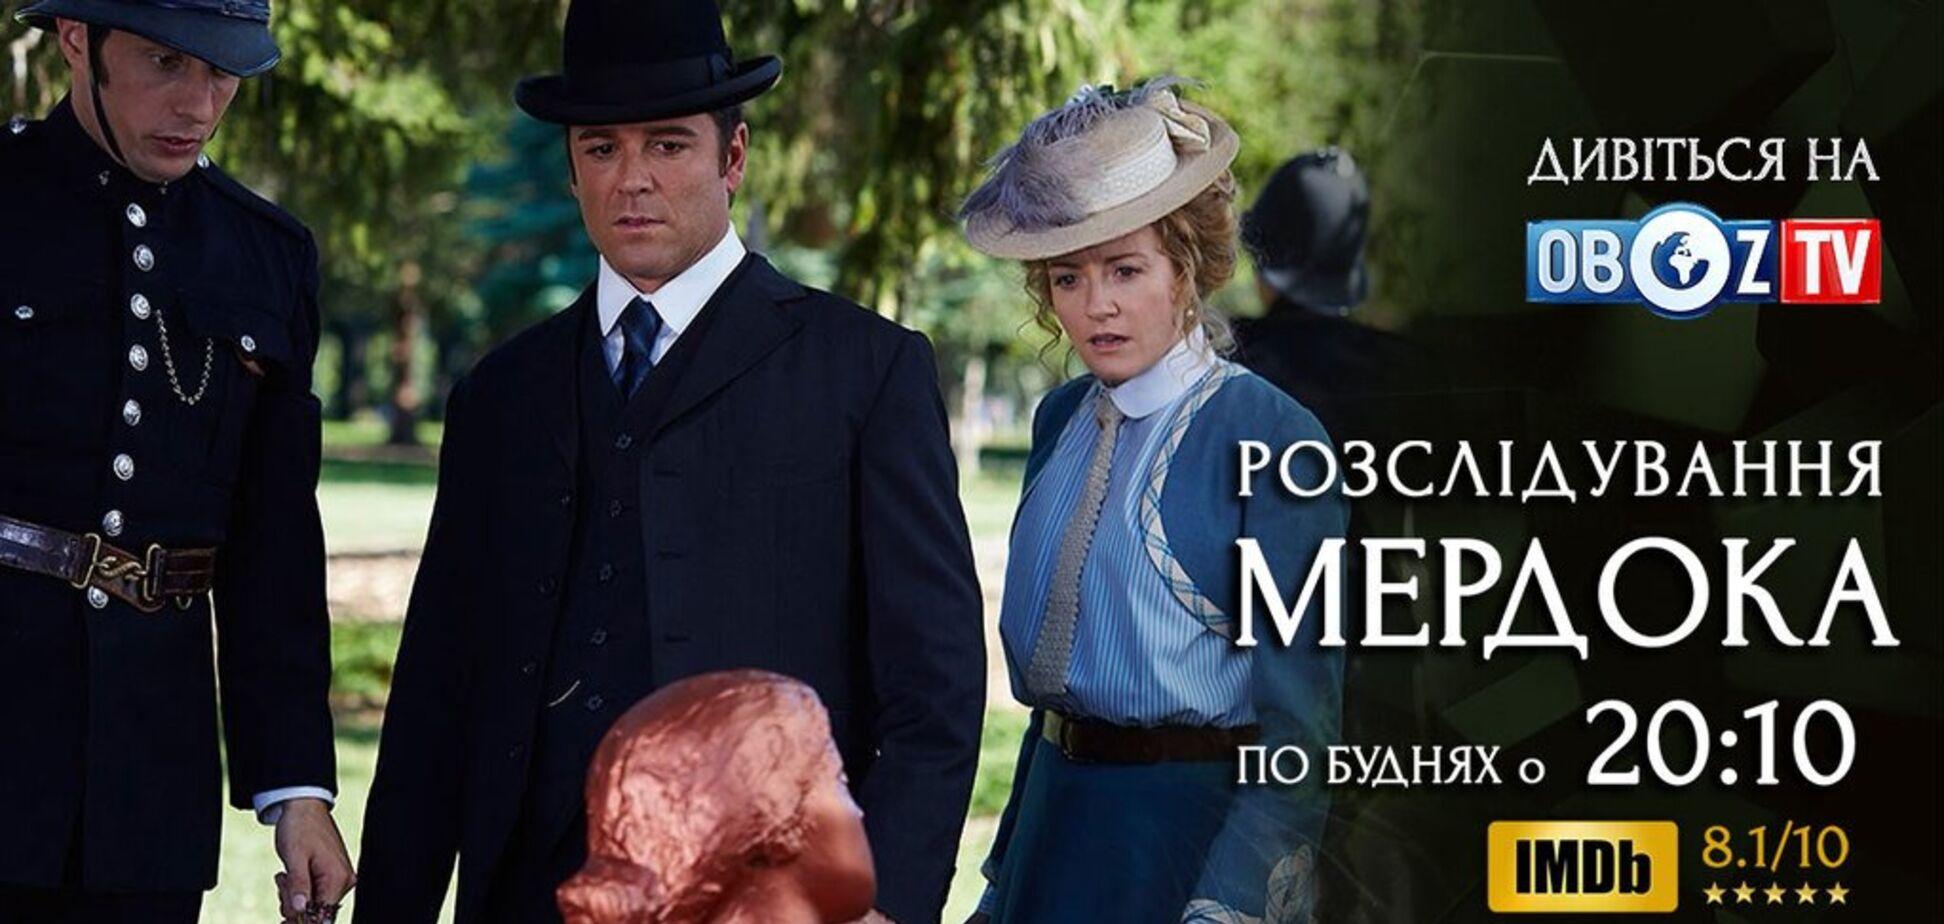 Дивіться на ObozTV серіал 'Розслідування Мердока' – серія 'Оголені жінки'